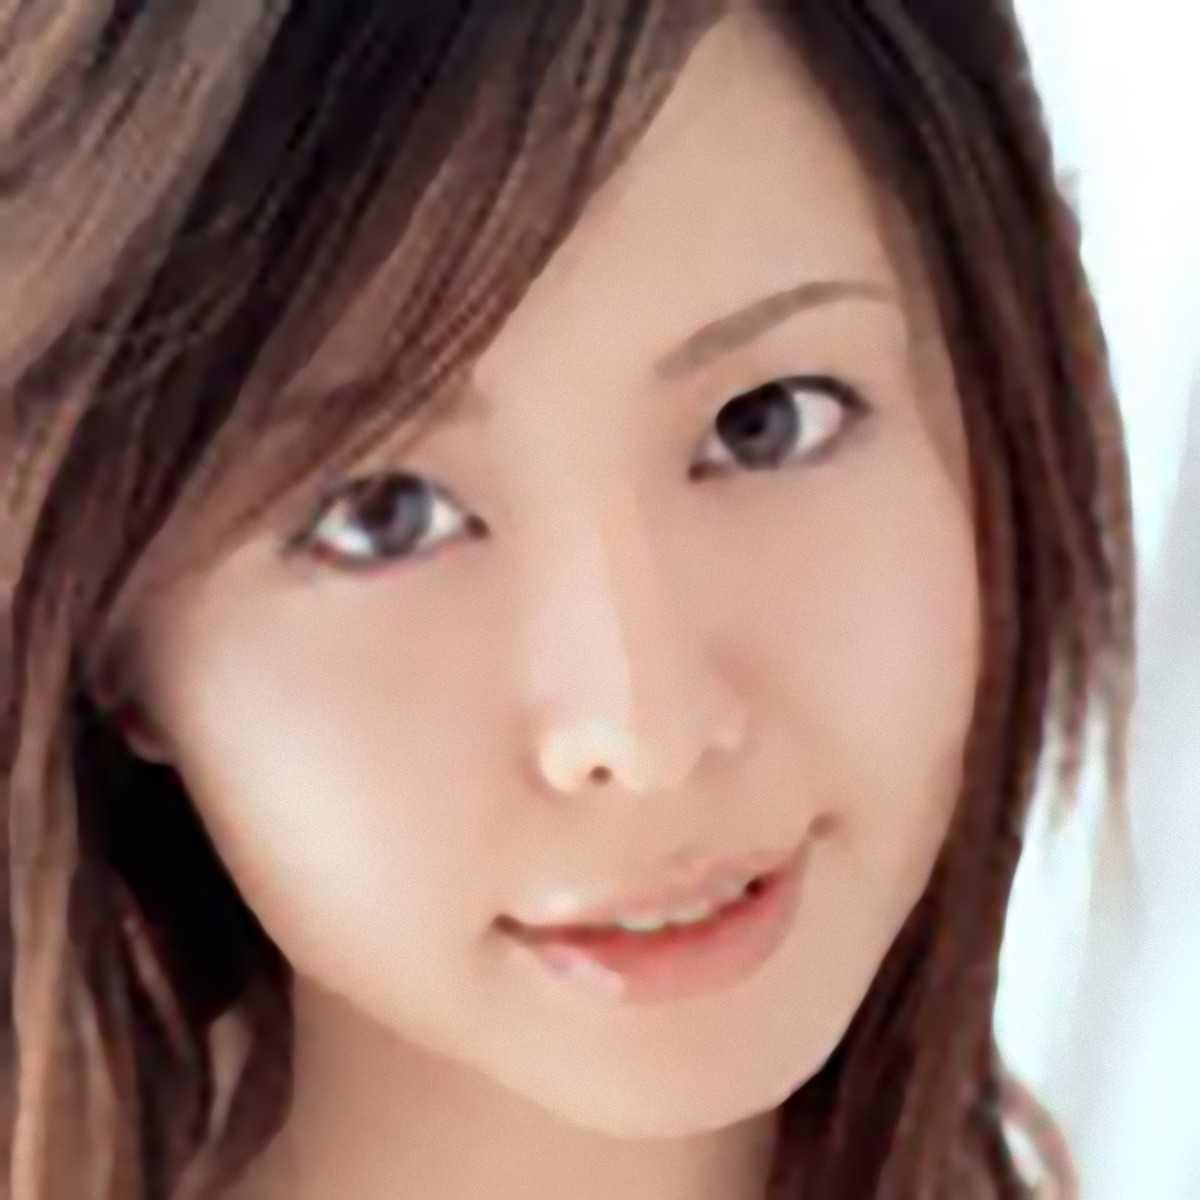 宮地由梨香さんのプロフィールと画像集12ページ目 | AV女優画像